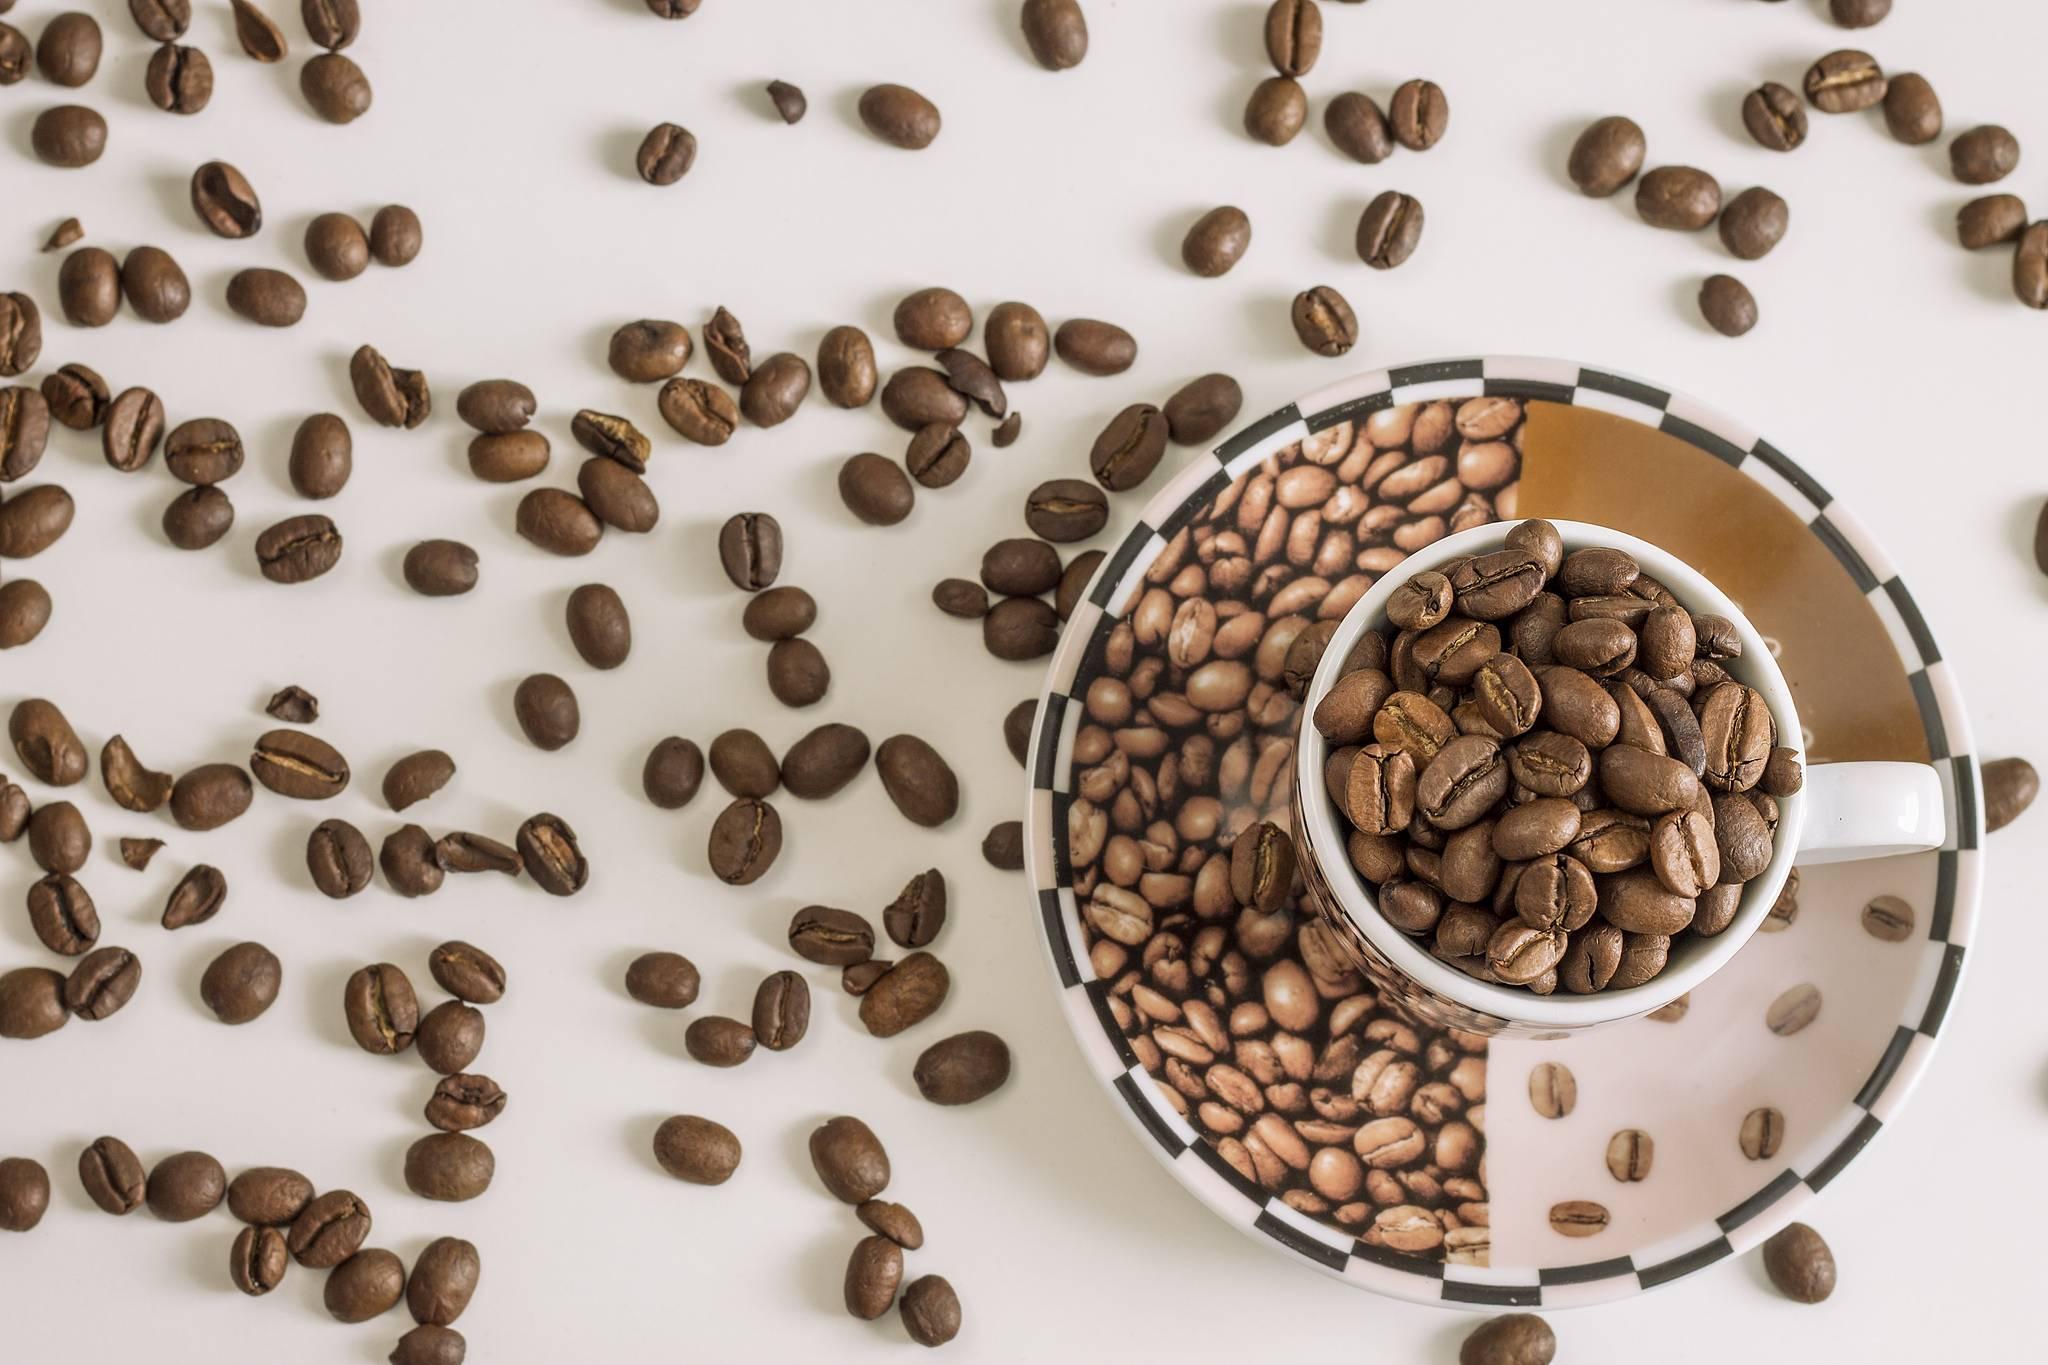 Можно ли есть кофейные зерна, зачем жуют зерна кофе: вред или польза?